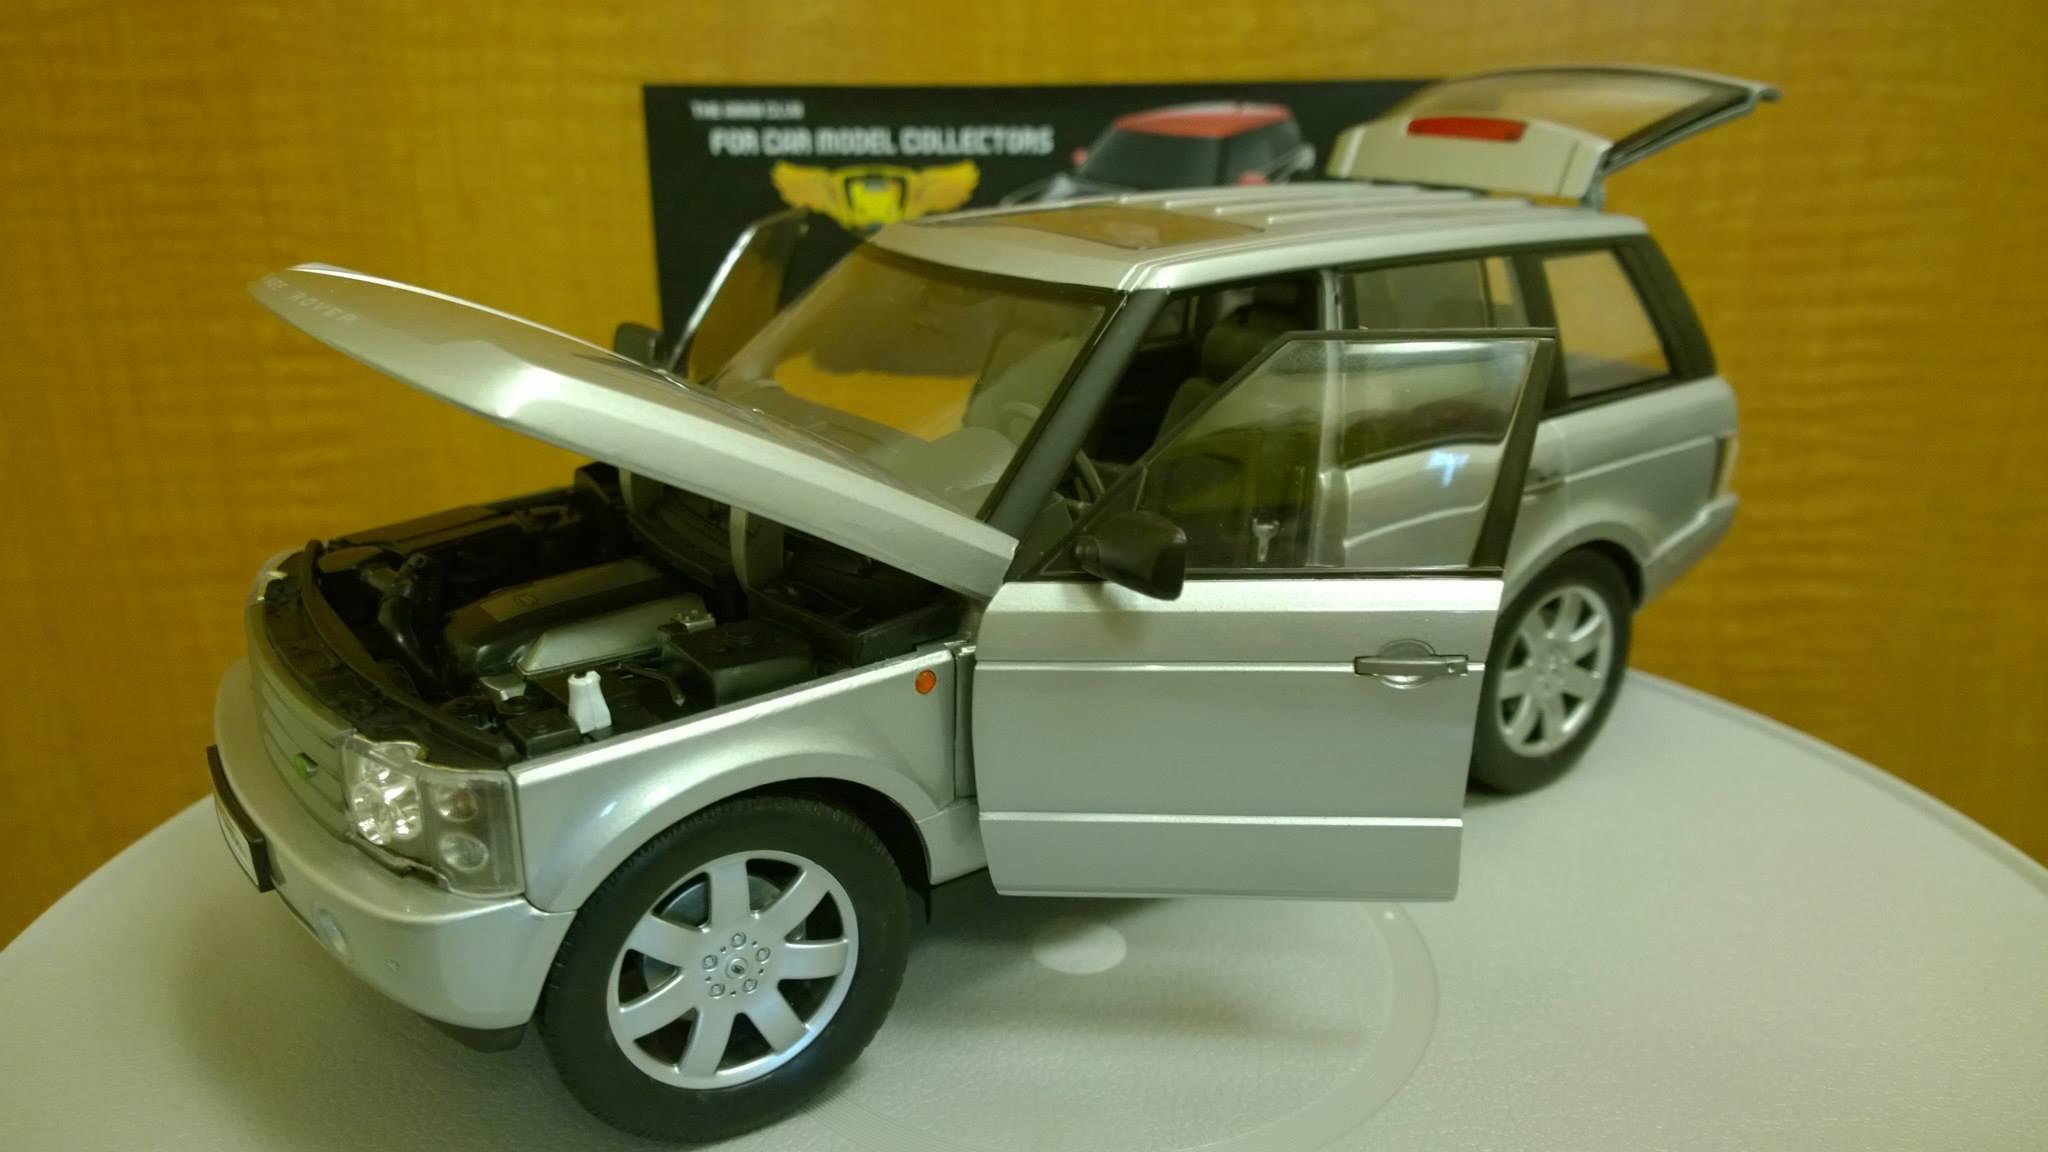 Range Rover 1-18 diecast